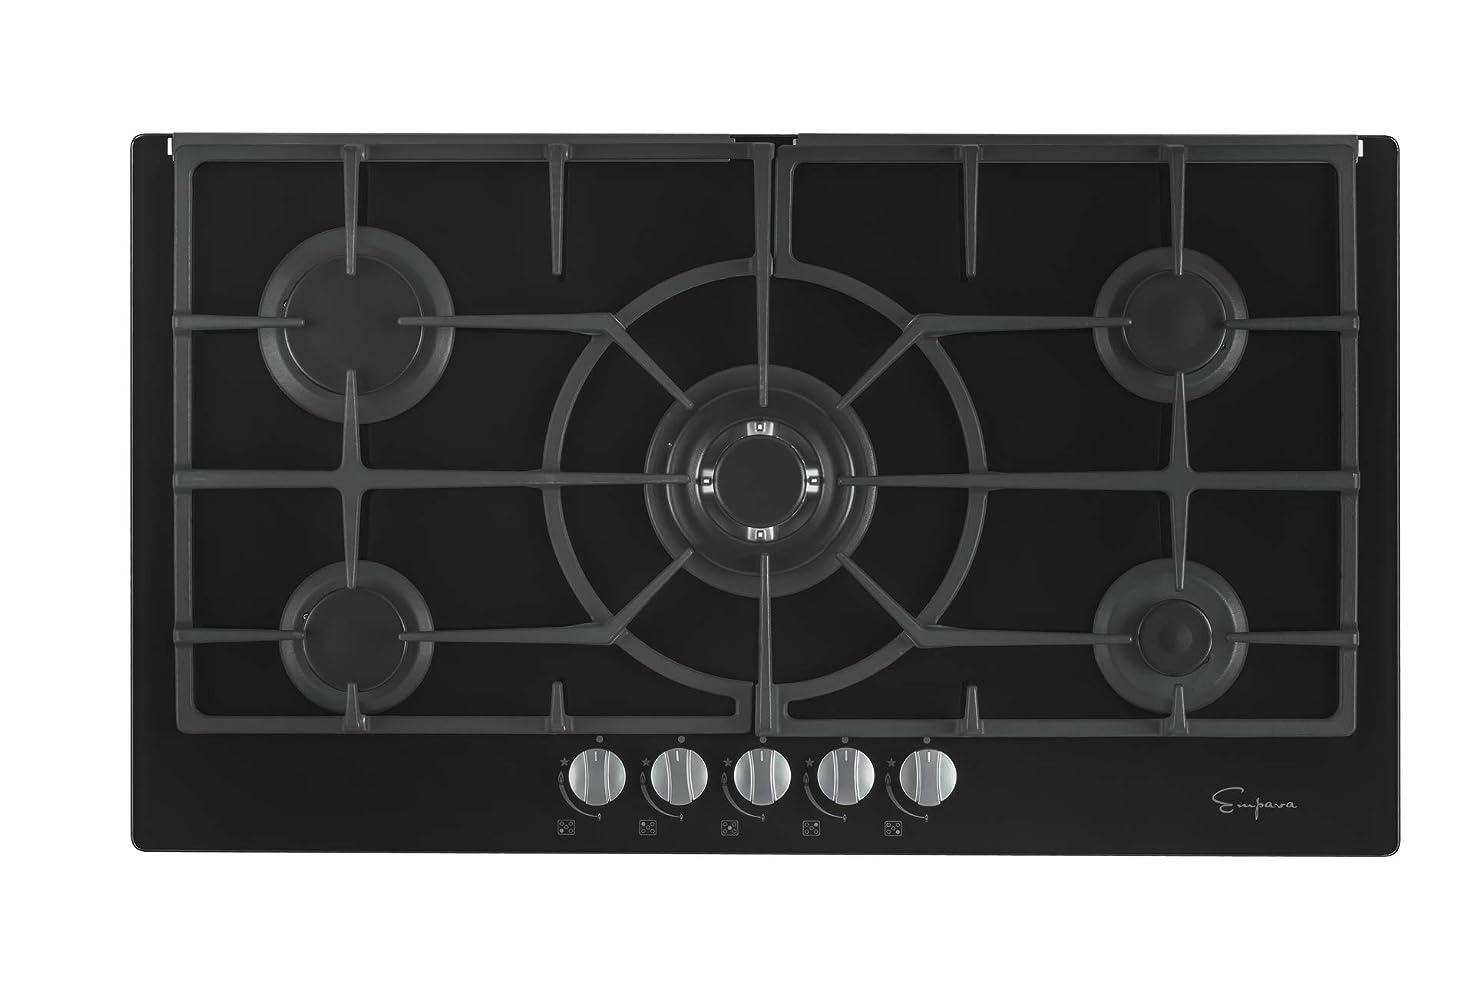 Empava EMPV-36GC5L90I 5 Italy Sabaf Burners Gas Stove Top Cooktop 36 Inch fqunkrufywozc8